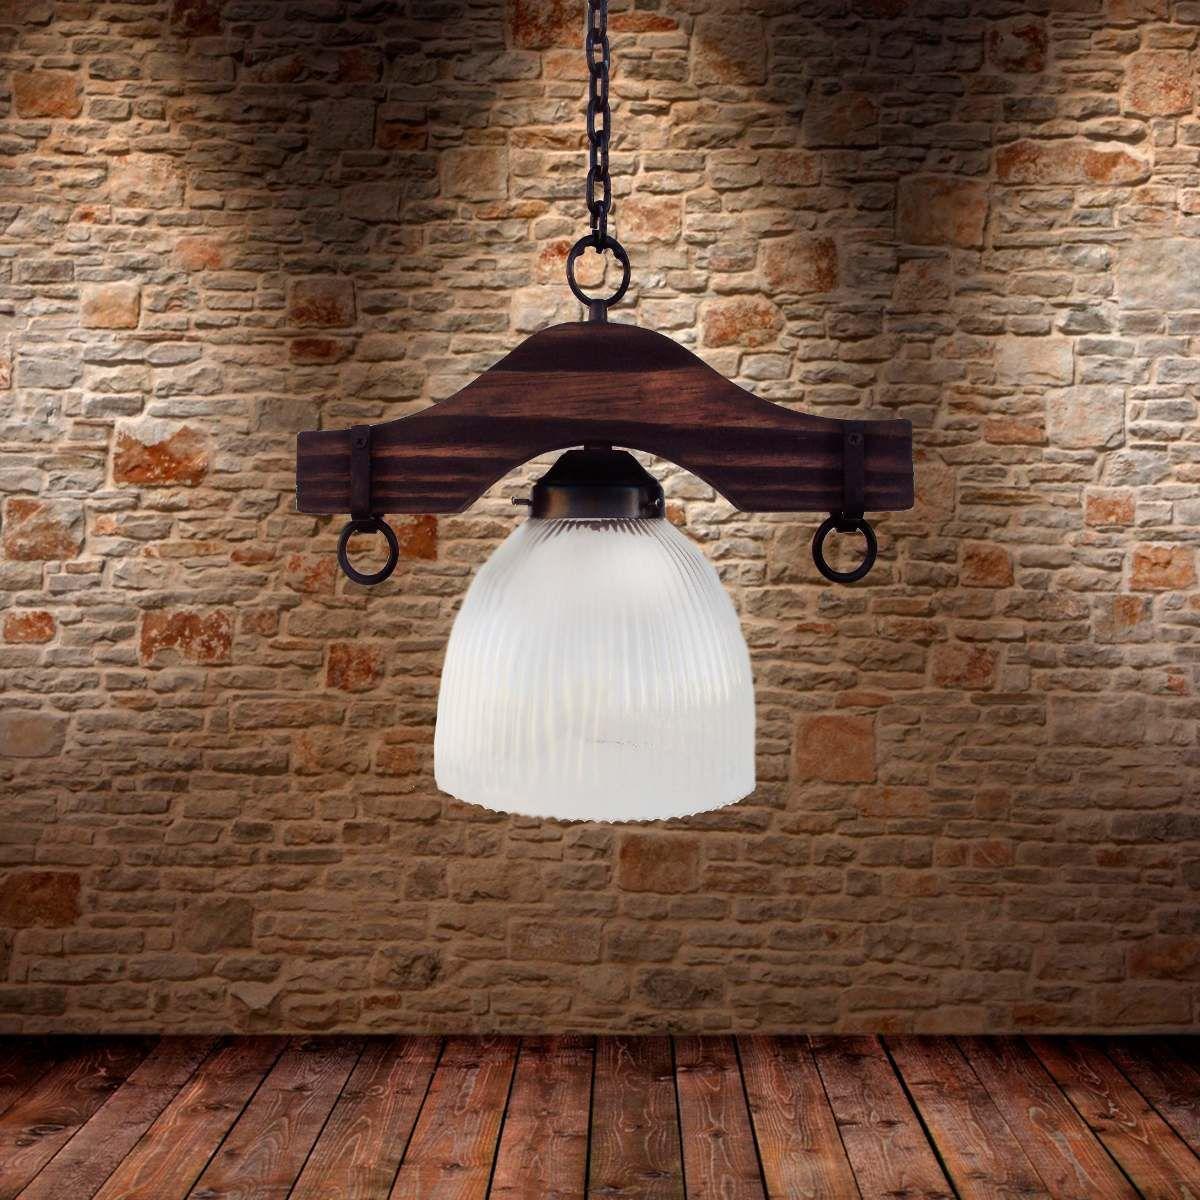 Lamparas para bodegas rusticas stunning lmparas de forja para decoracin de bodegas with - Lamparas de bodega ...